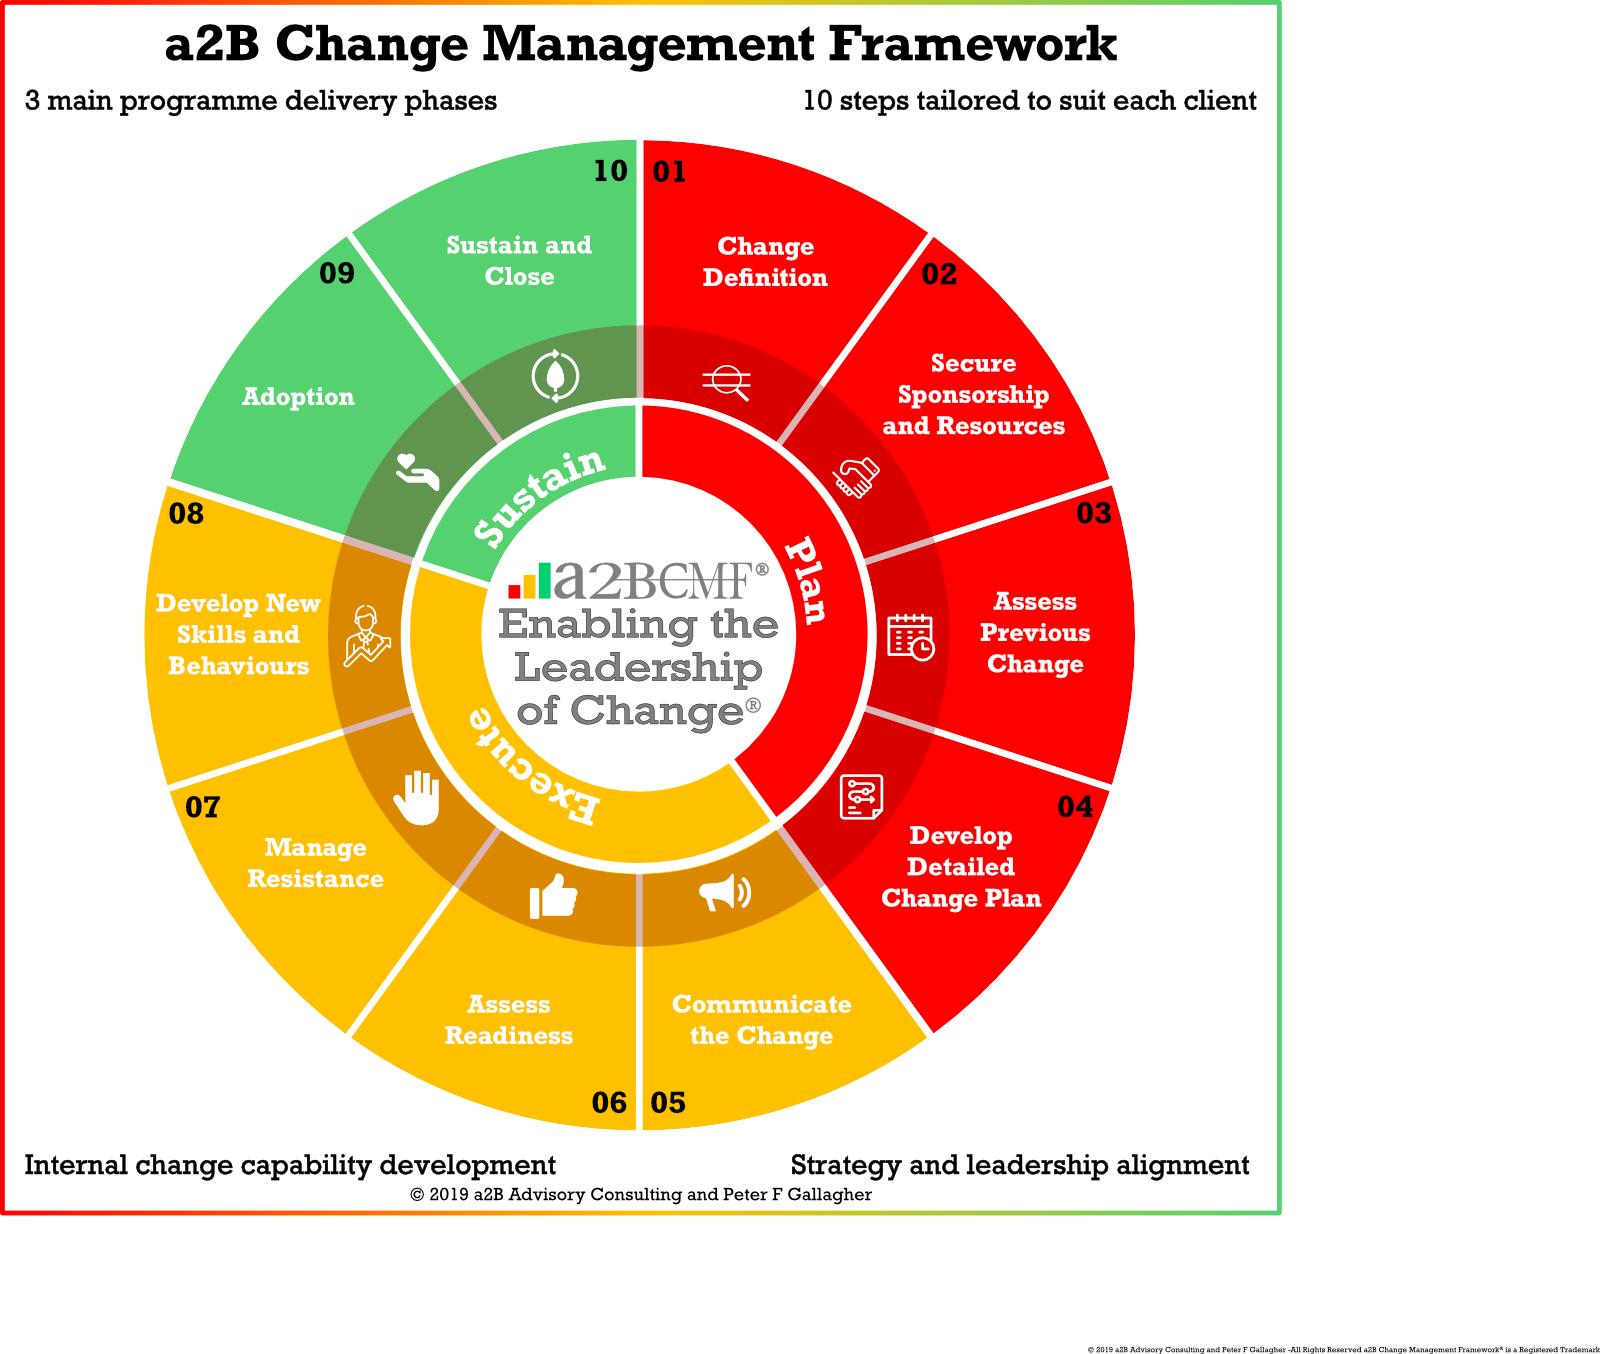 Change Management Framework - Leadership of Change Volume 1 Peter F Gallagher